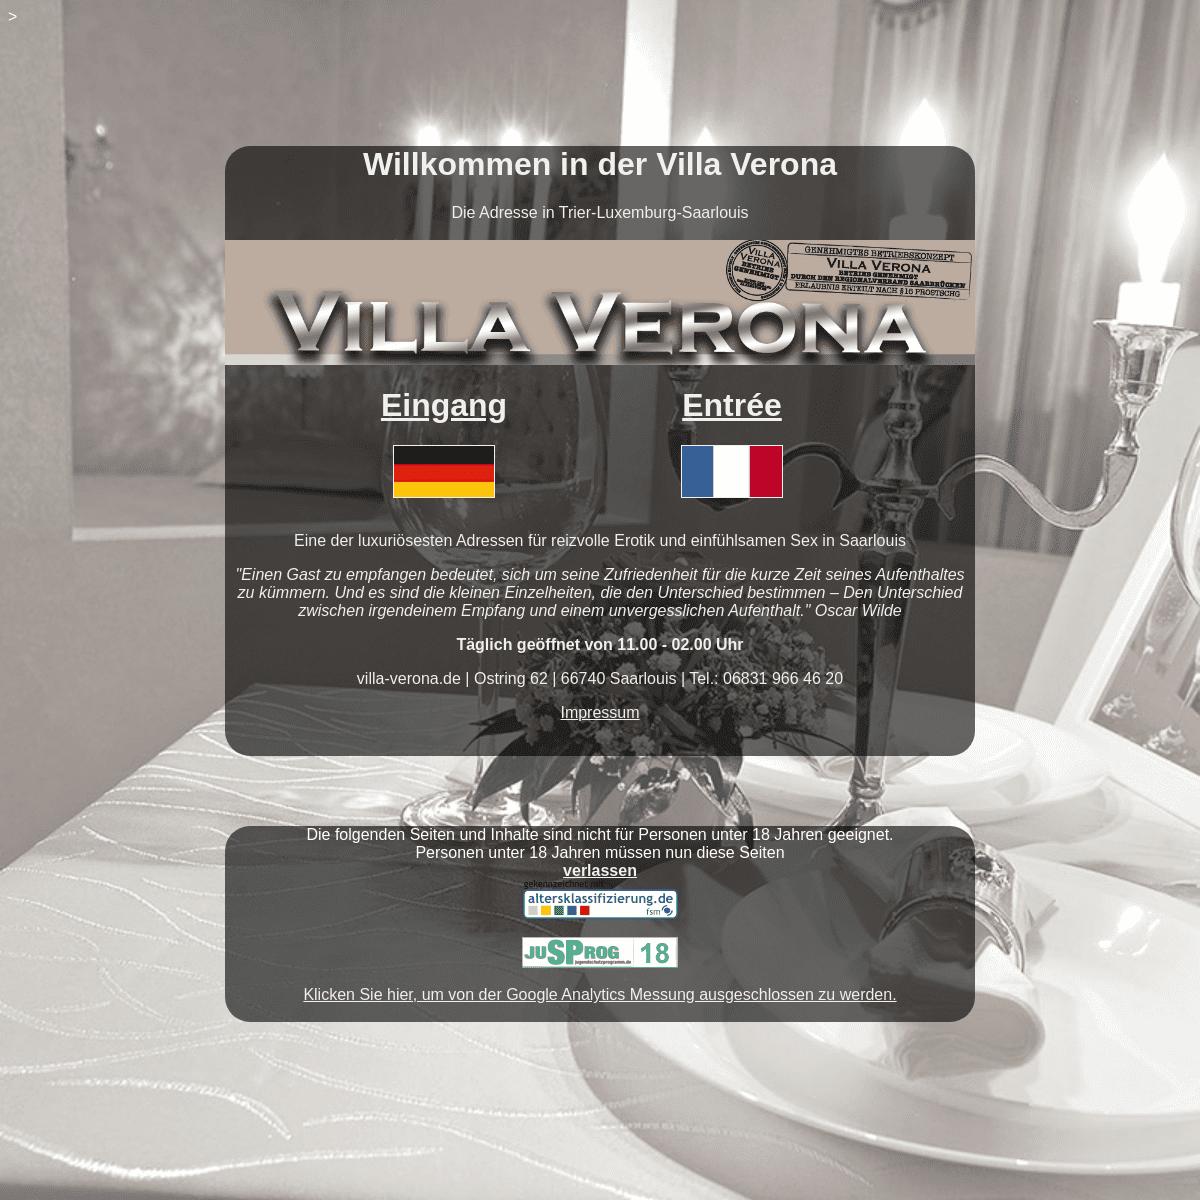 Villa Verona - Die Privatadresse in Trier-Luxemburg